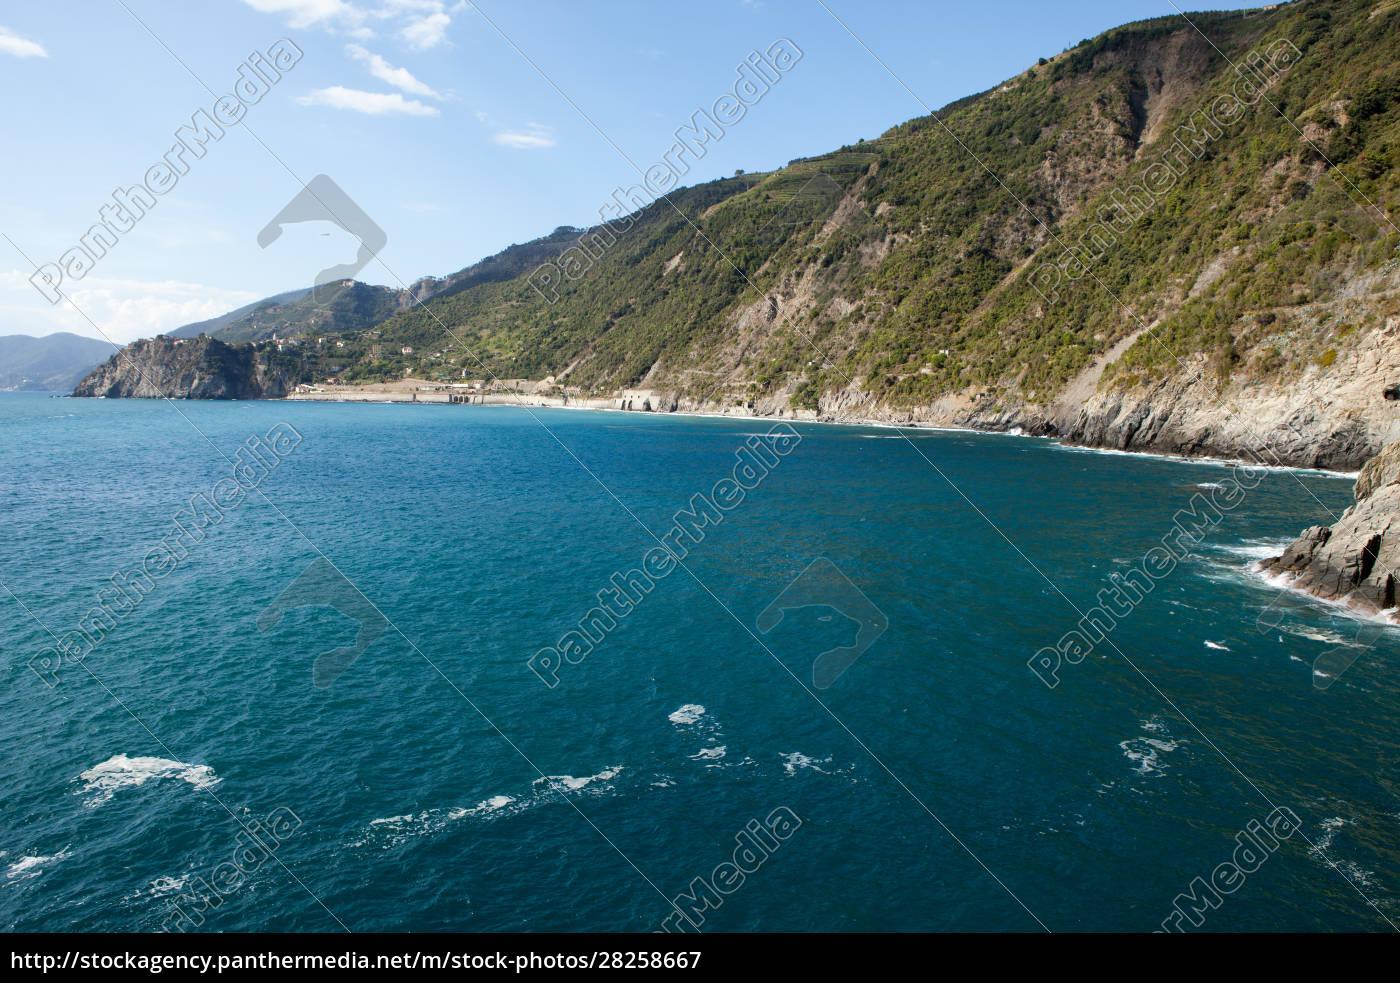 cinque, terre-coast, between, manarola, and, corniglia - 28258667